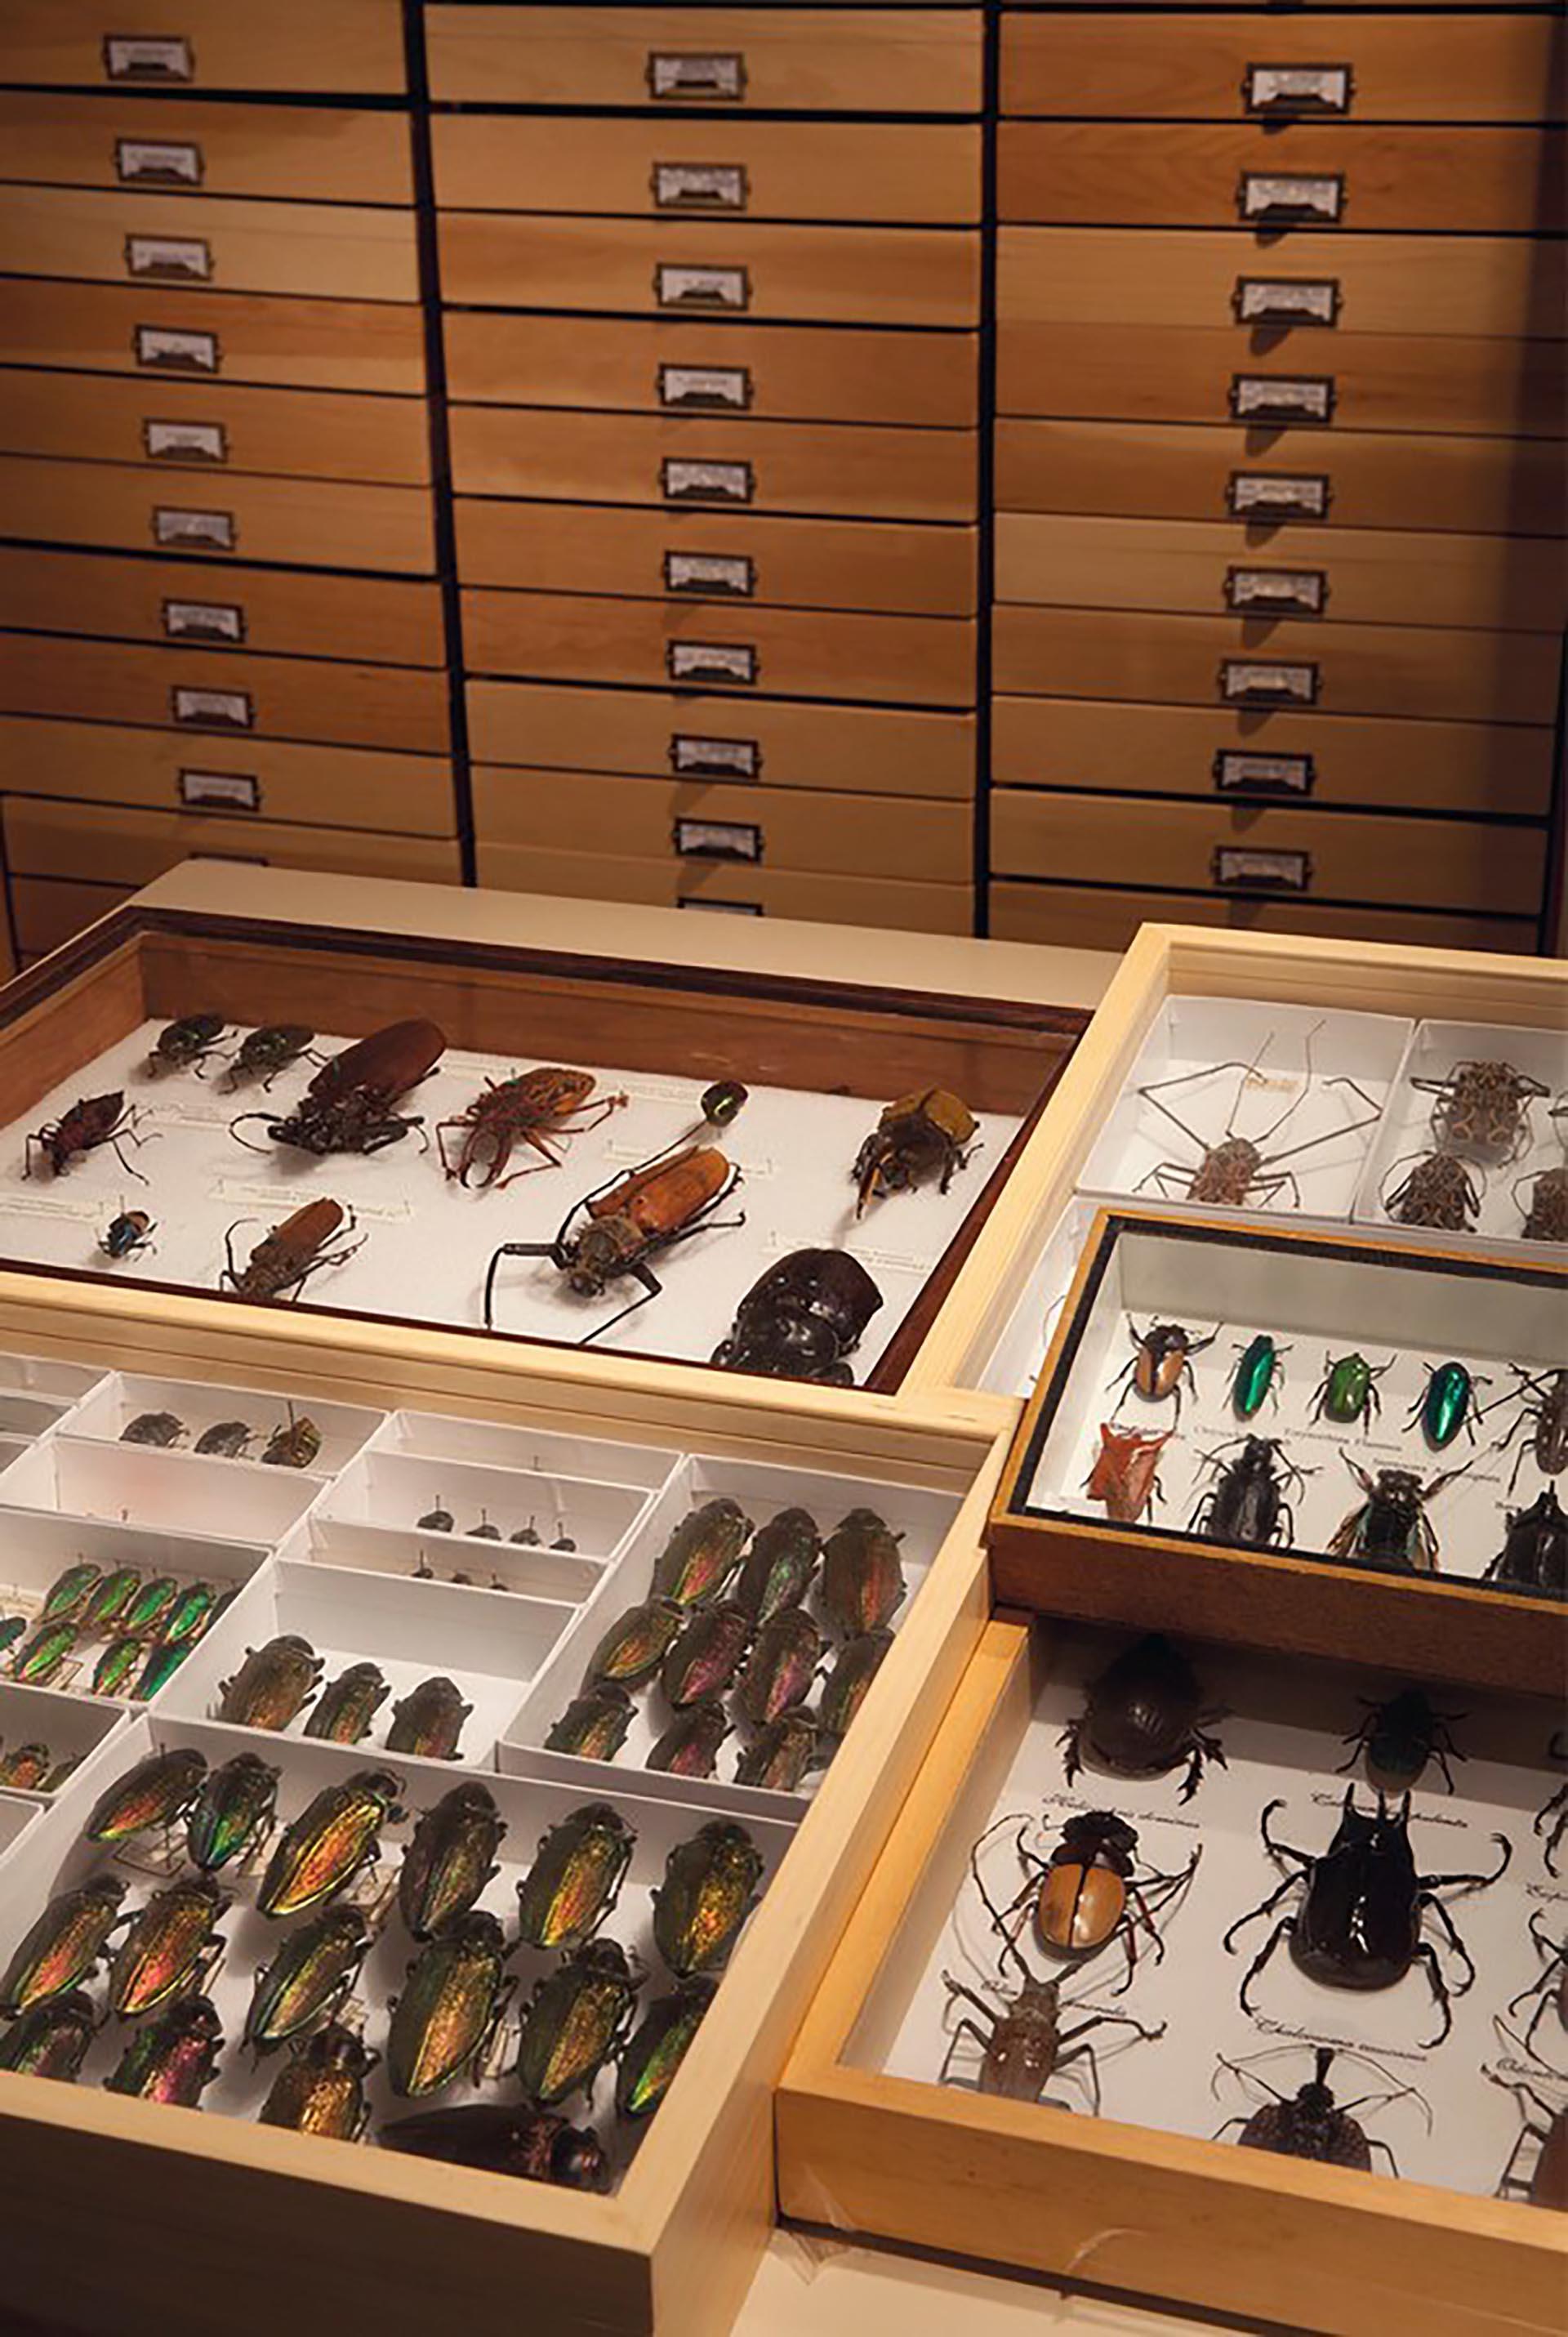 Rockefeller también tenía una fascinación por los escarabajos, con decenas de miles de ejemplares